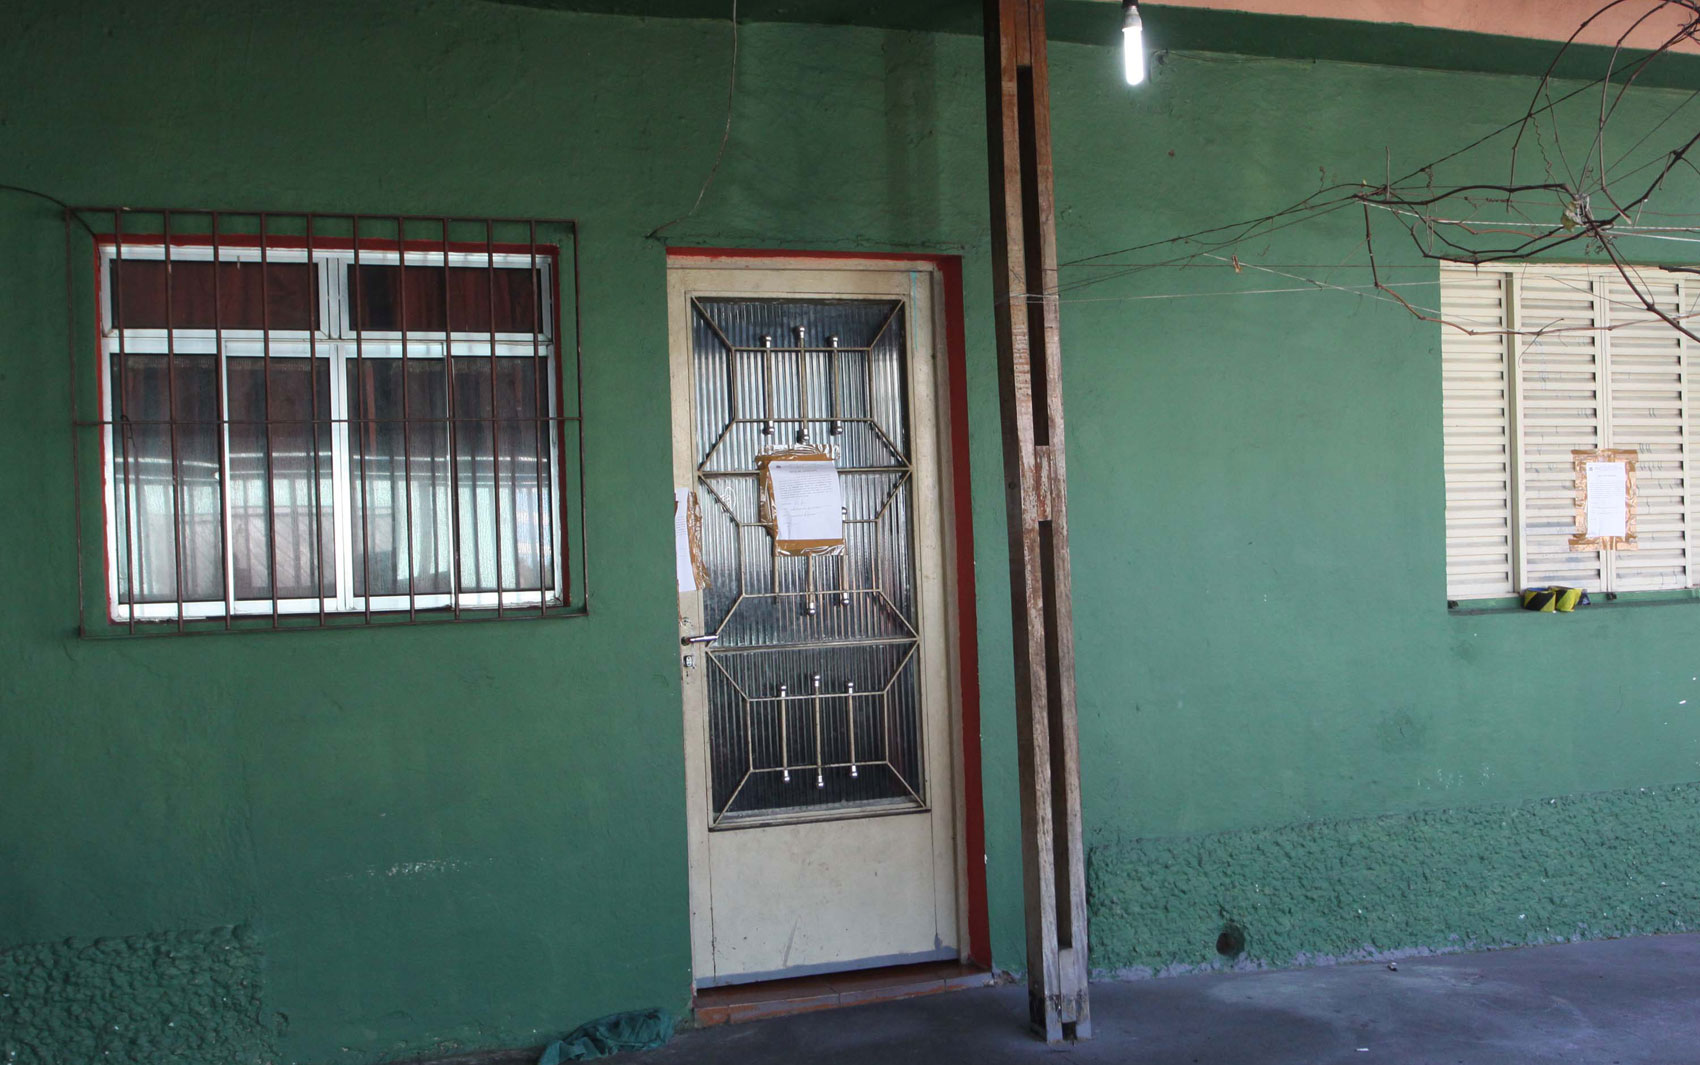 Residência de família de policiais militares amanhece lacrada na Rua Dom Sebastião, no bairro da Brasilândia, Zona Norte de São Paulo